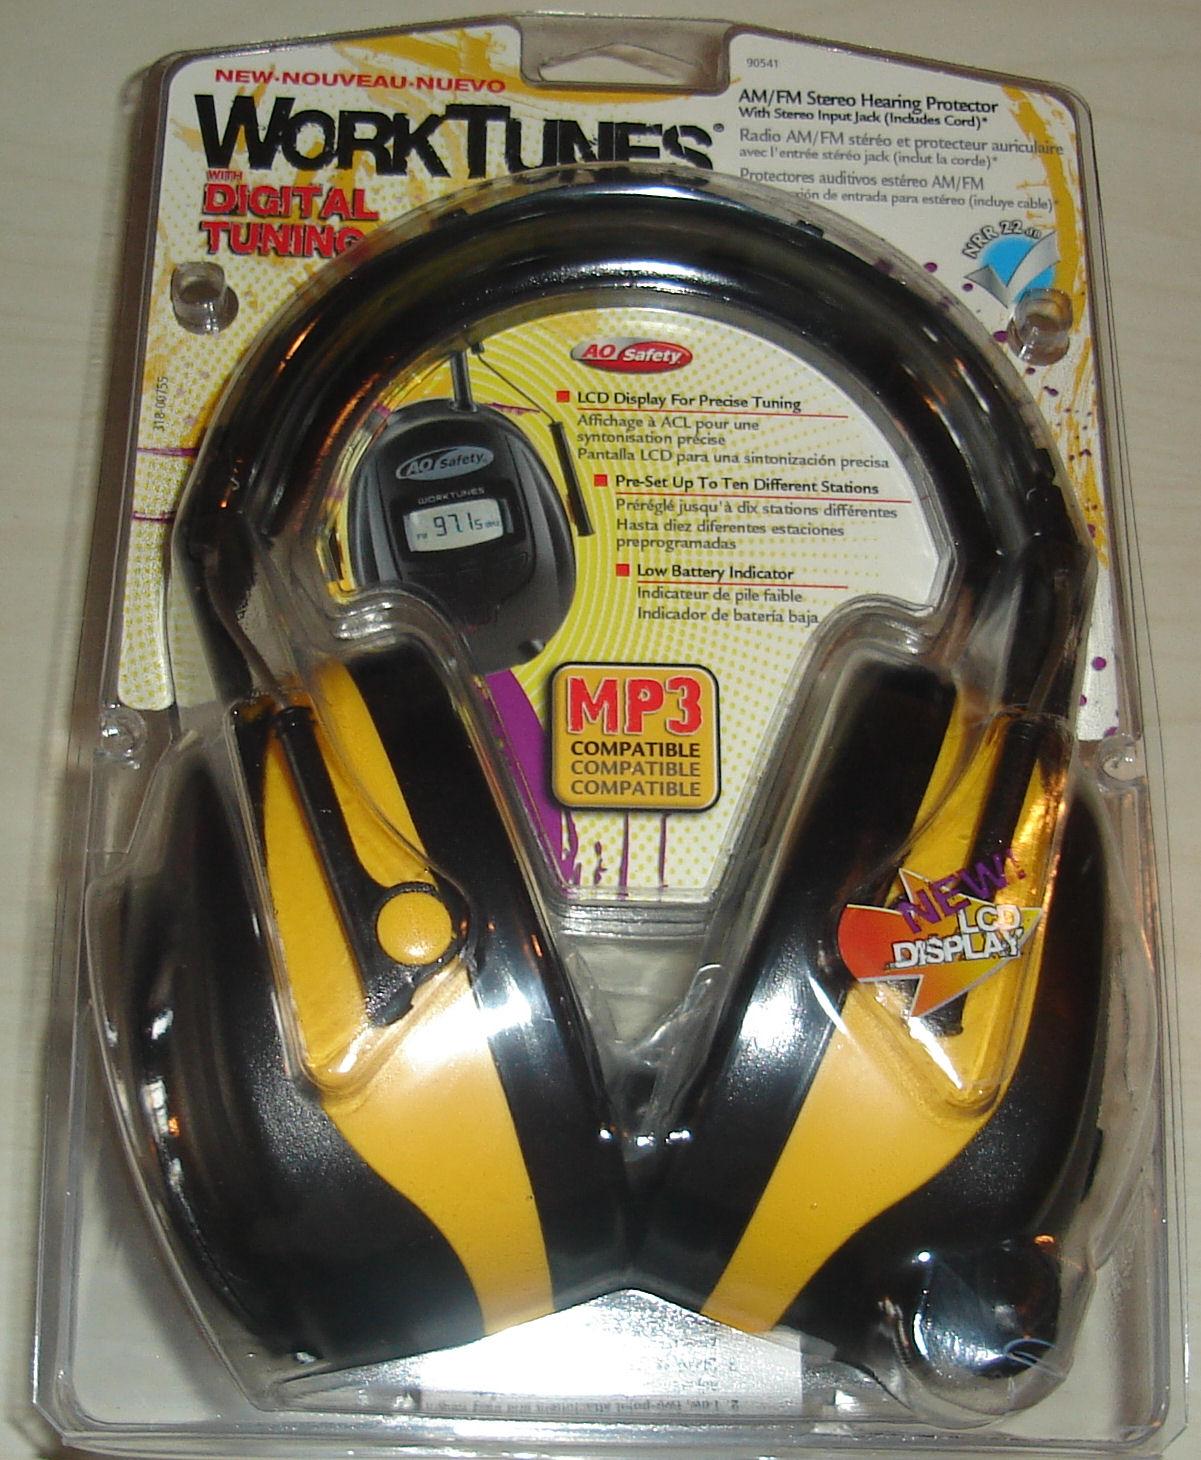 Worktunes noise cancellation, music enablation headphones